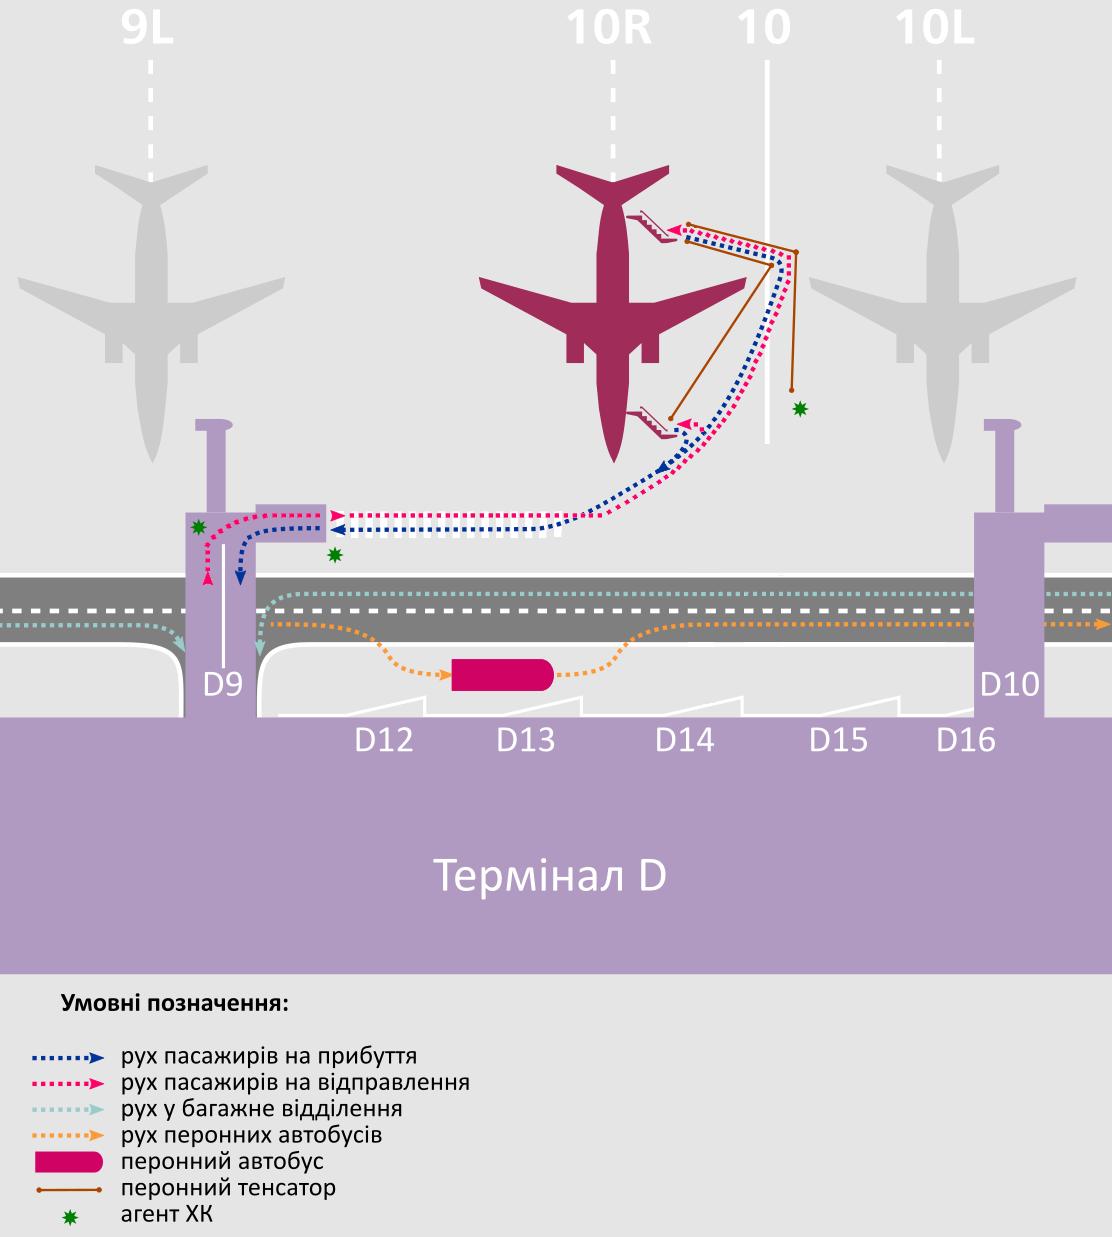 Пешком к самолету. Как Борисполь будет обслуживать Ryanair